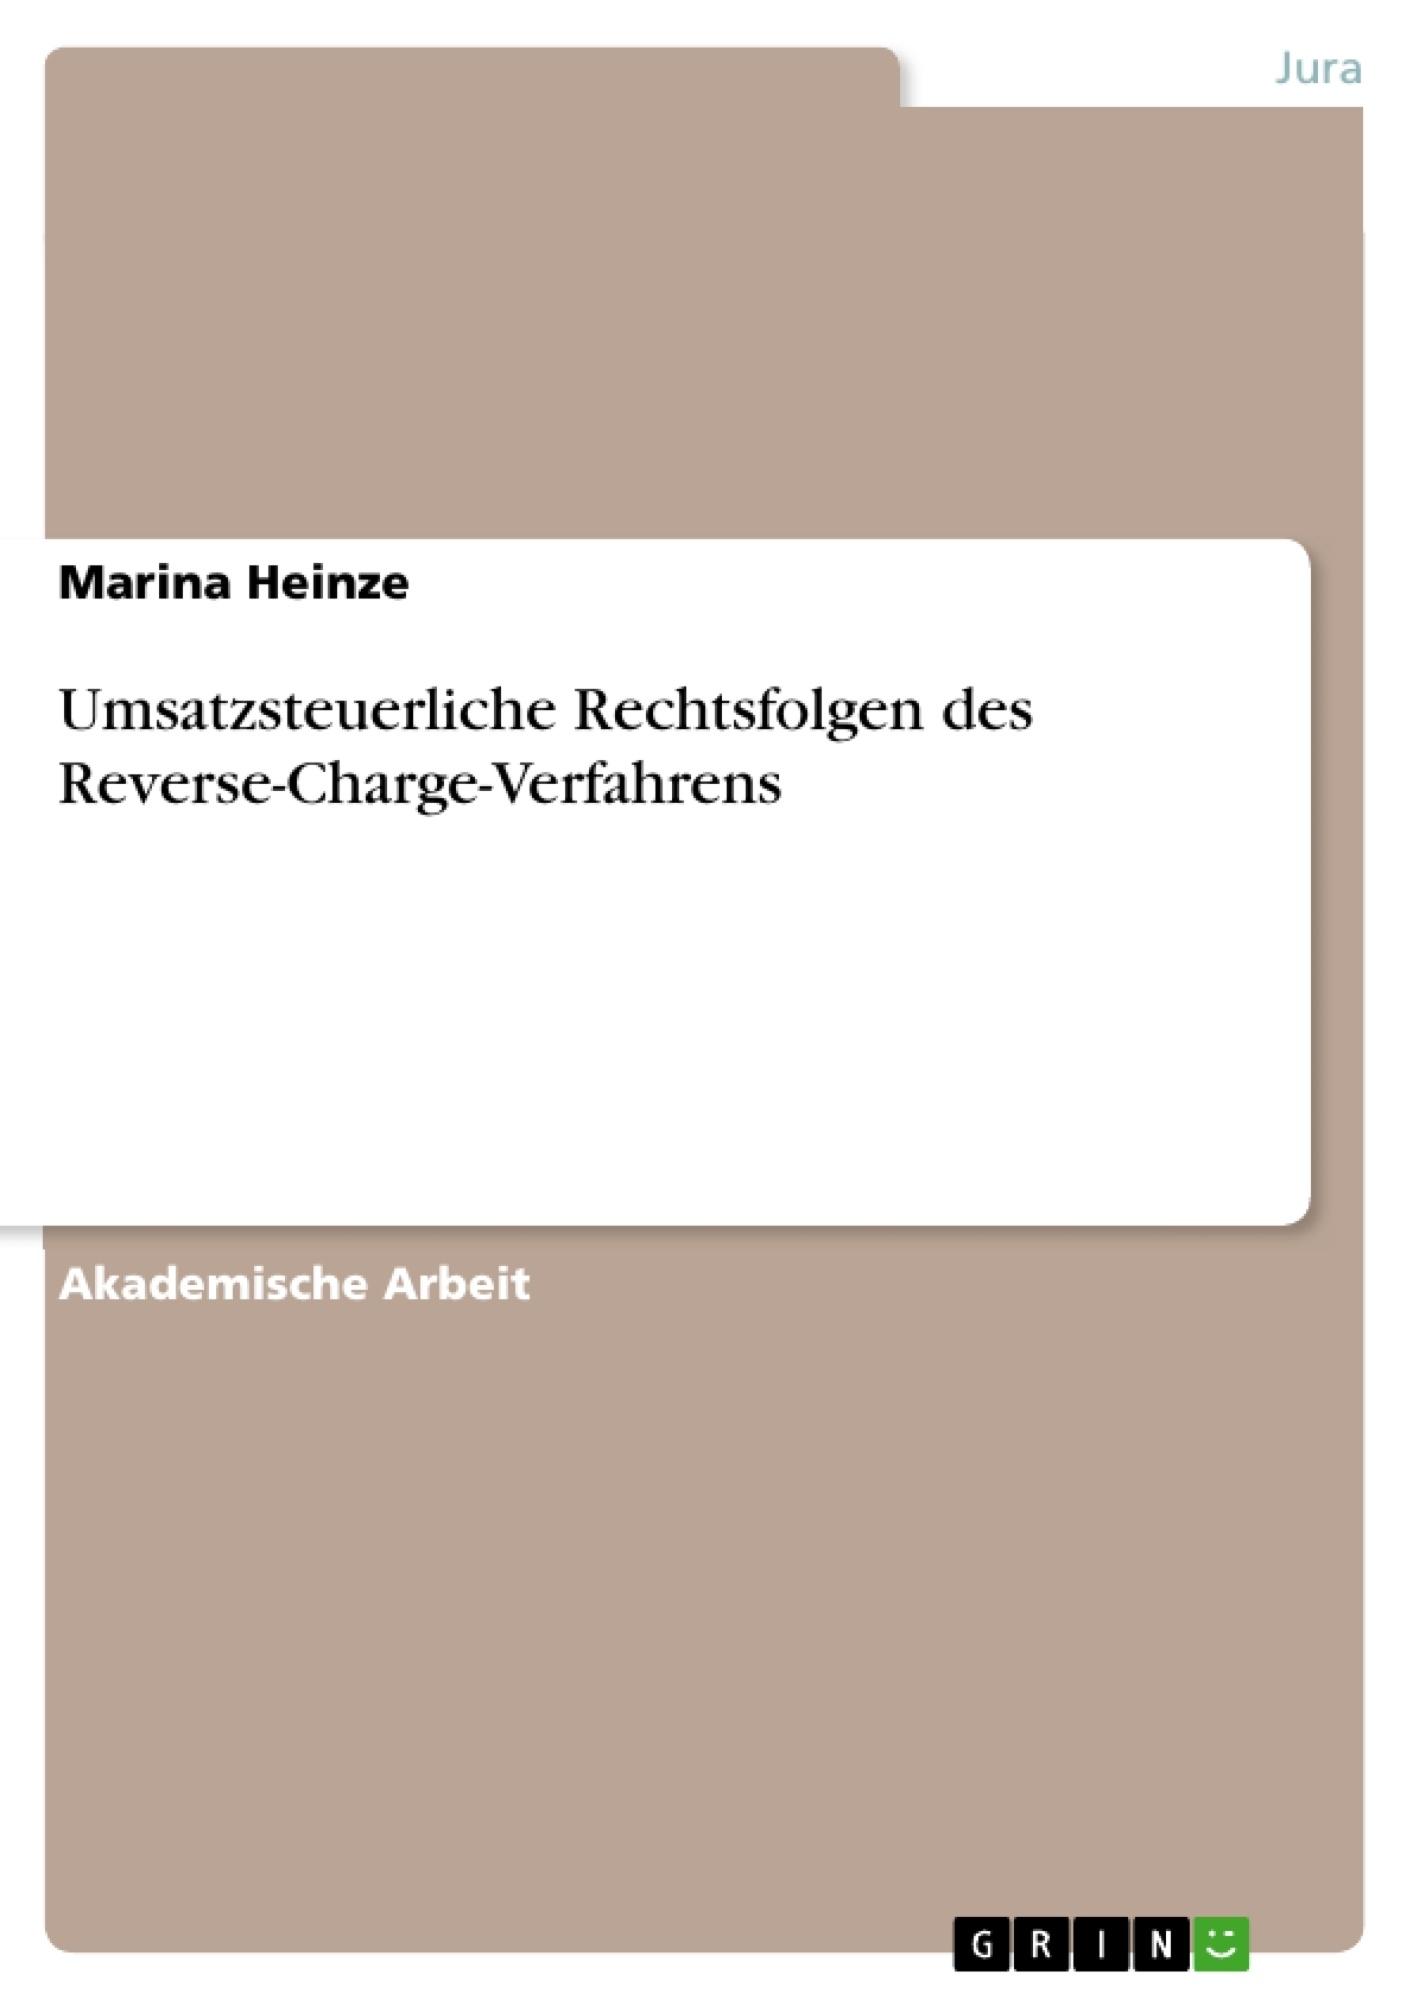 Titel: Umsatzsteuerliche Rechtsfolgen des Reverse-Charge-Verfahrens